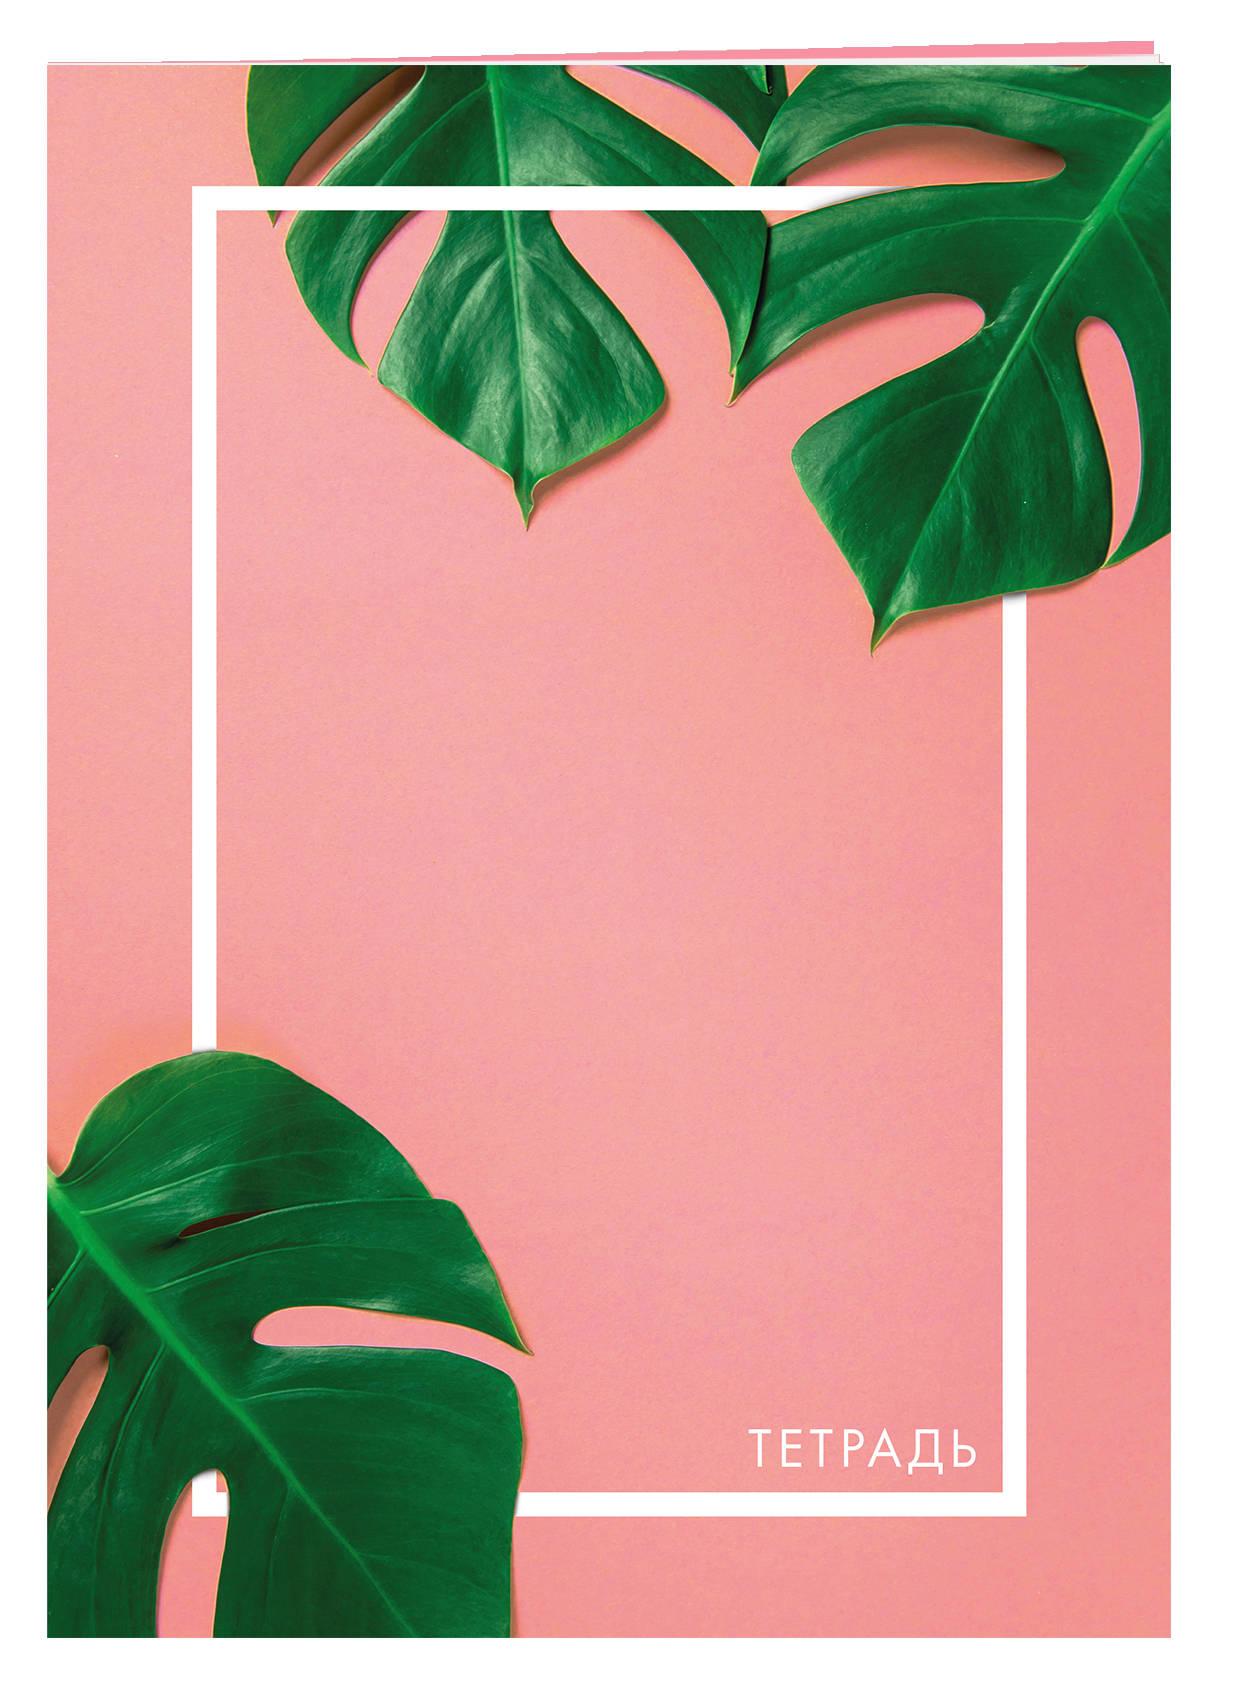 Фото - Tropical Glam. Тетрадь общая, А5, 48л., накидка, 4 п. полноцвет тетрадь 96л а5 клетка академия групп серия классика лакированная обложка 7877 3 eac